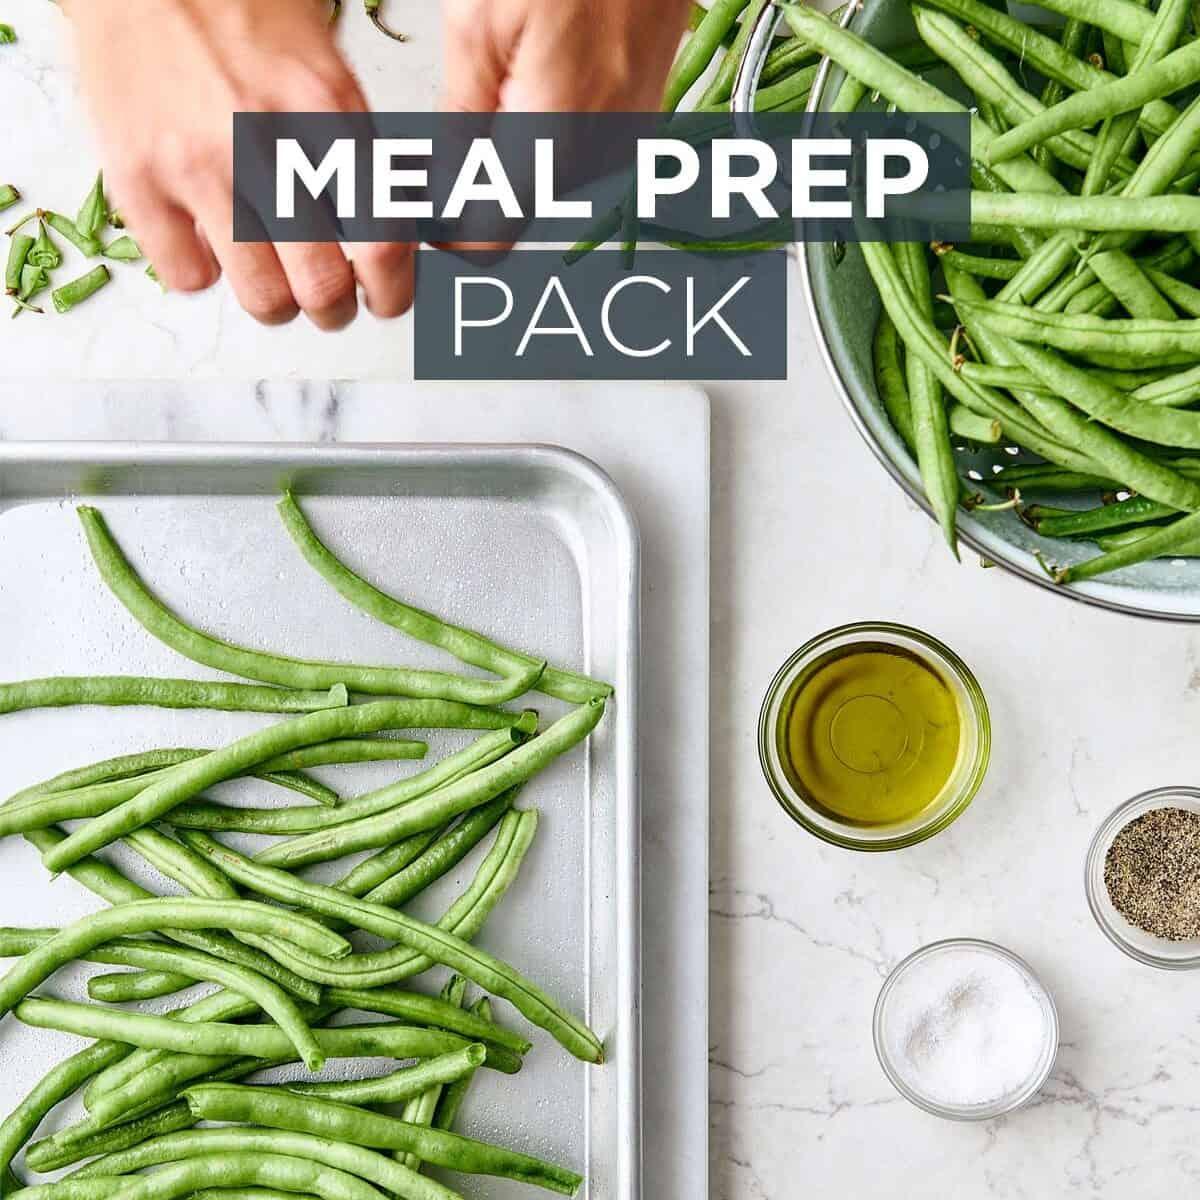 Meal Prep Pack